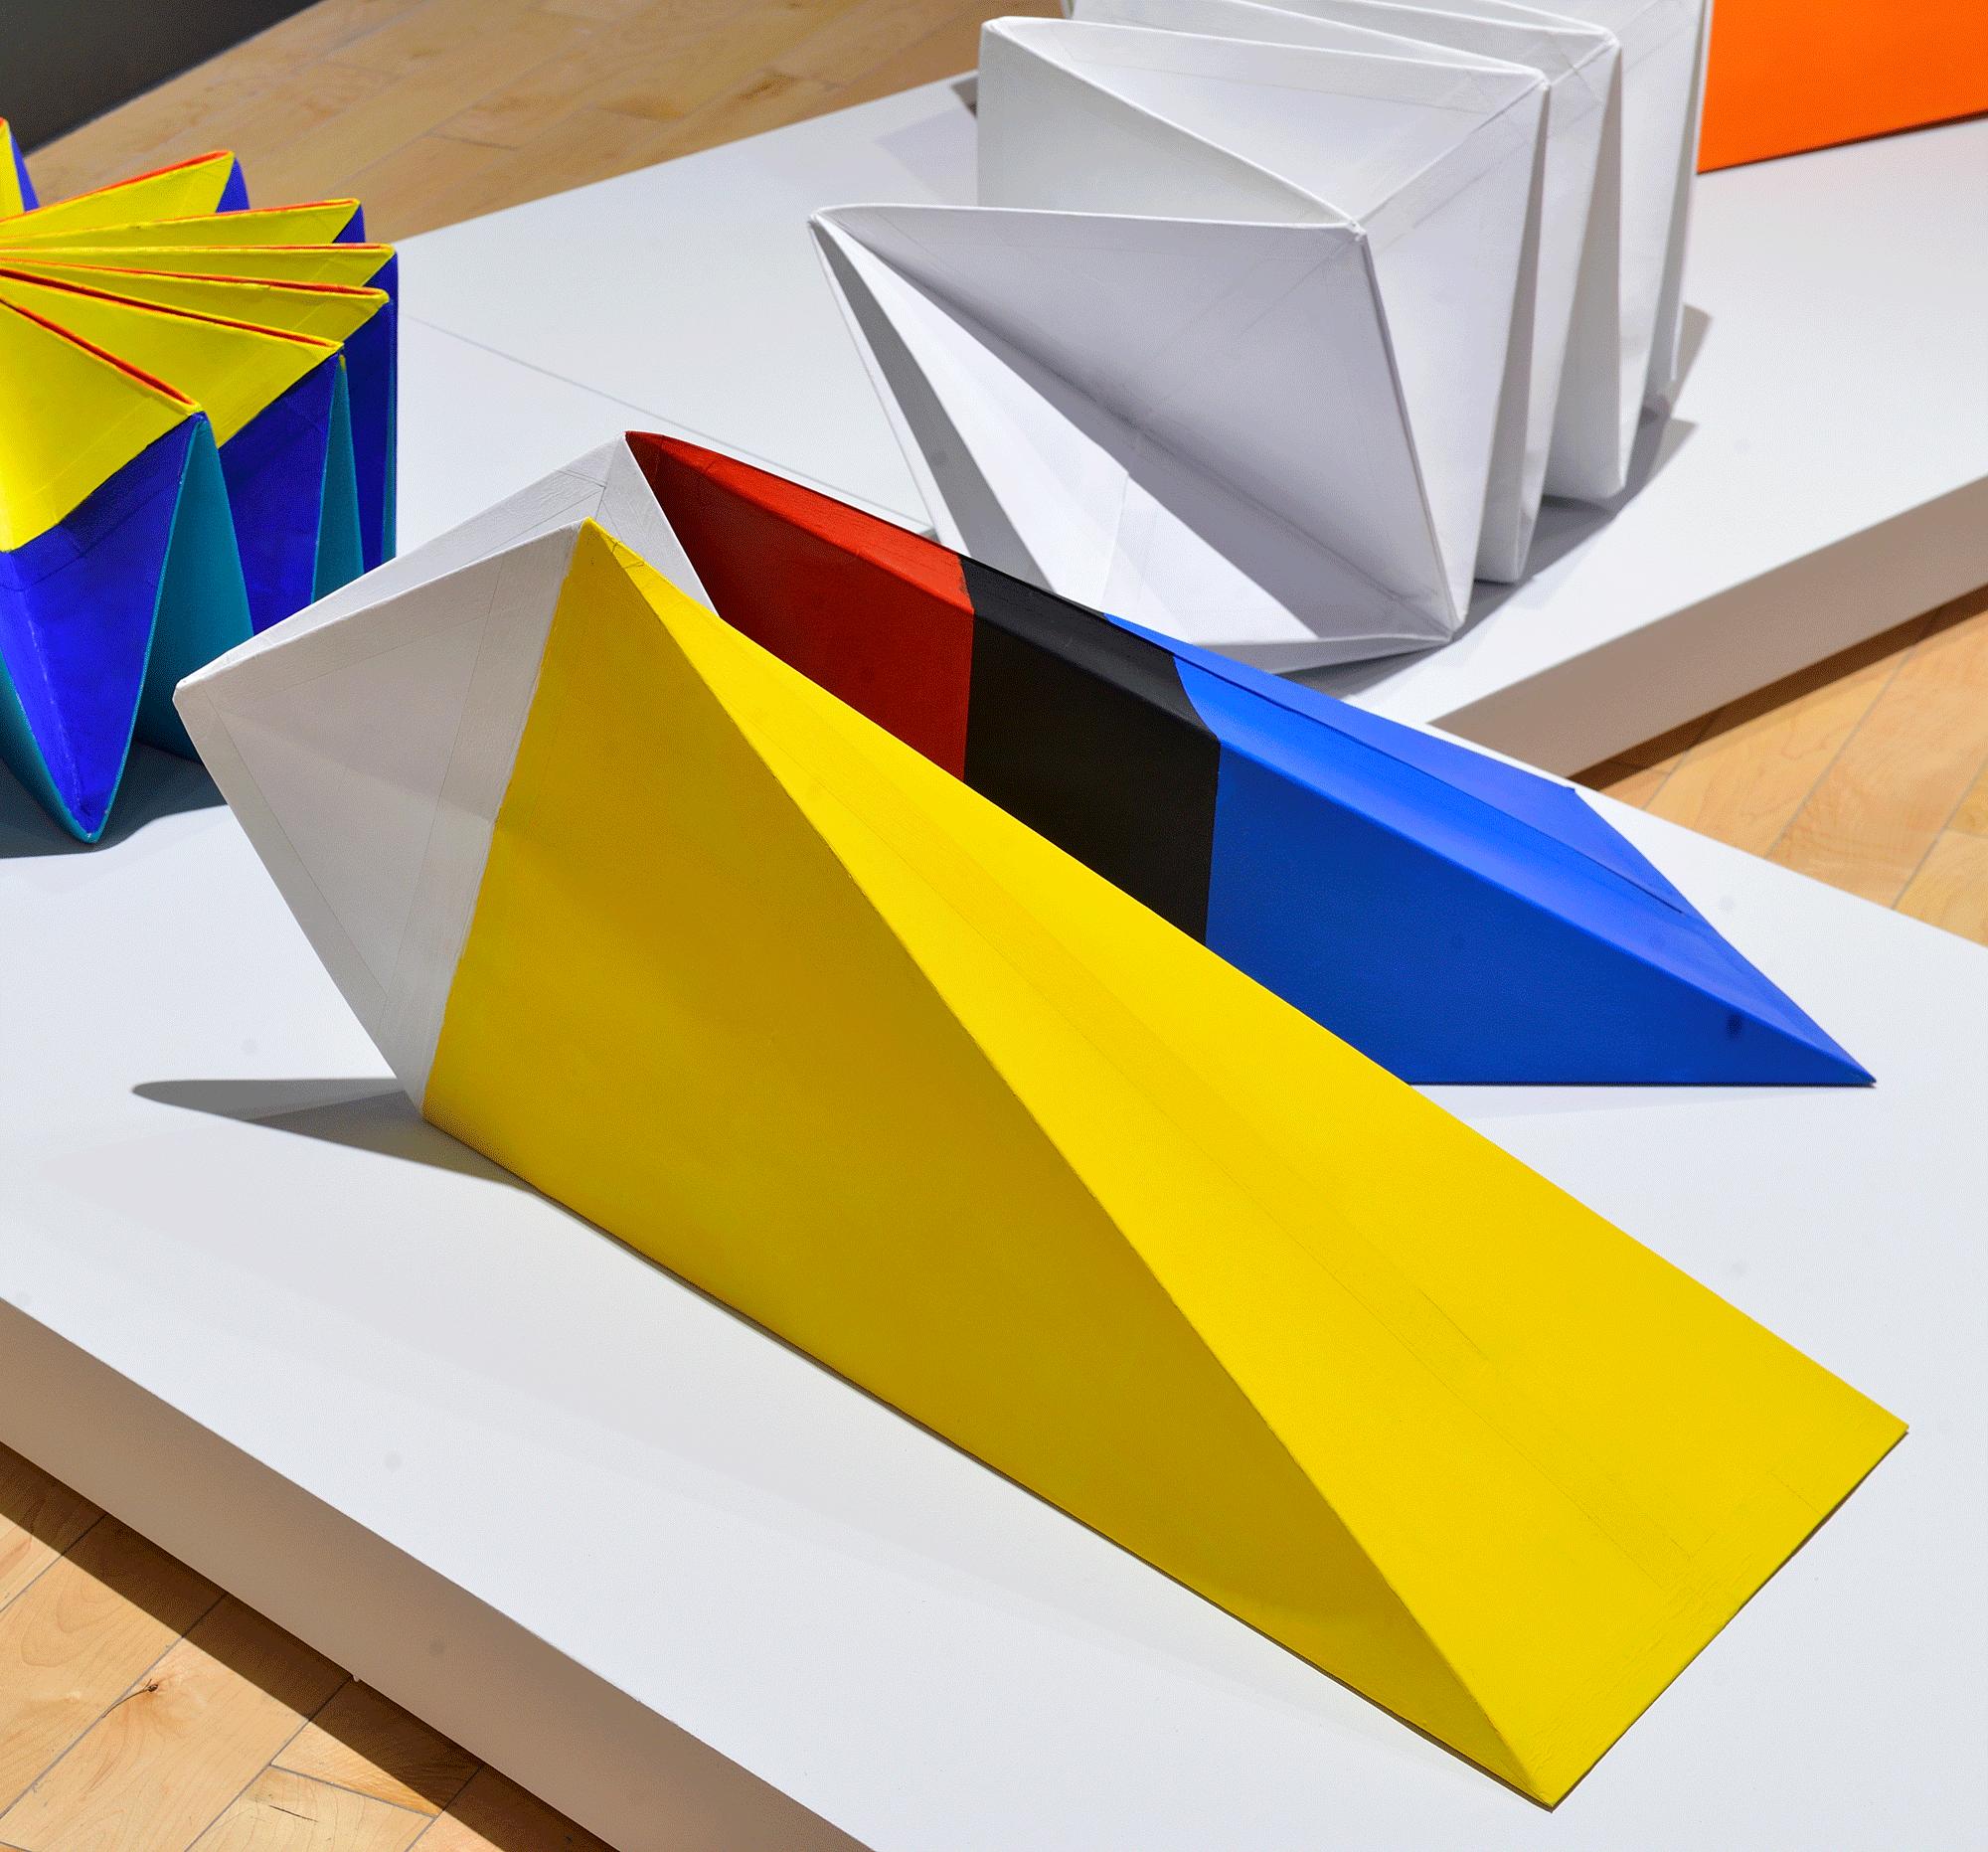 Variación estructura puente | Un arte sin tutela: Salón Independiente en México, 1968-1971  | Museo Amparo, Puebla